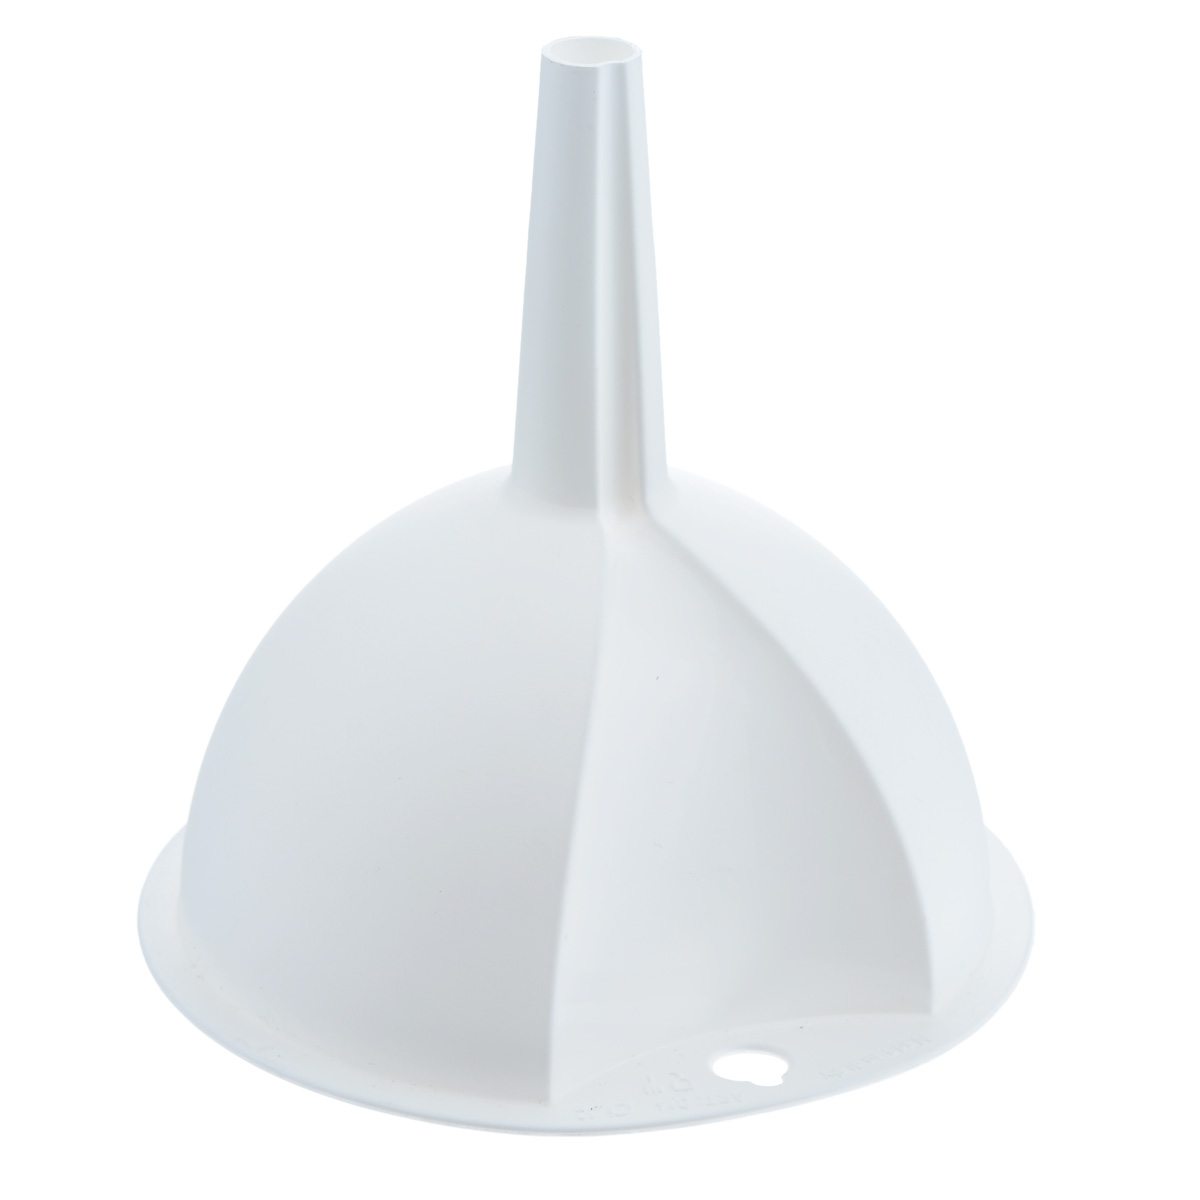 Воронка Metaltex, цвет: белый, диаметр 12 см94672Воронка Metaltex, выполненная из пластика, станет незаменимым аксессуаром на вашей кухне. Воронка плотно прилегает к краям наполняемой емкости, и вы не прольете ни капли мимо.Она отлично послужит для переливания жидкостей в сосуд с узким горлышком. Диаметр воронки:12 см.Высота ножки: 6 см.